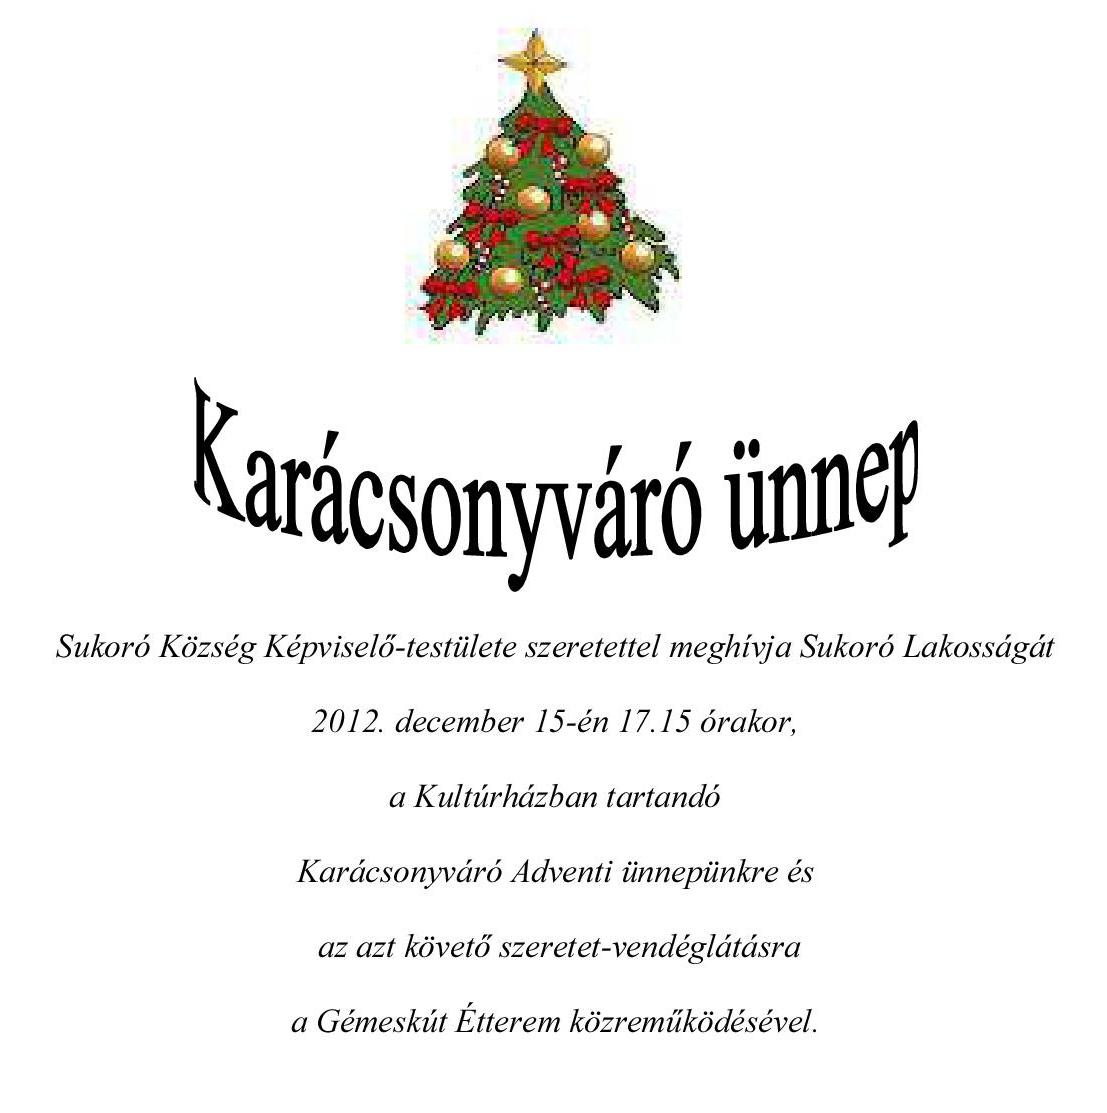 Karácsonyváró ünnep Sukorón - 2012. december 15.